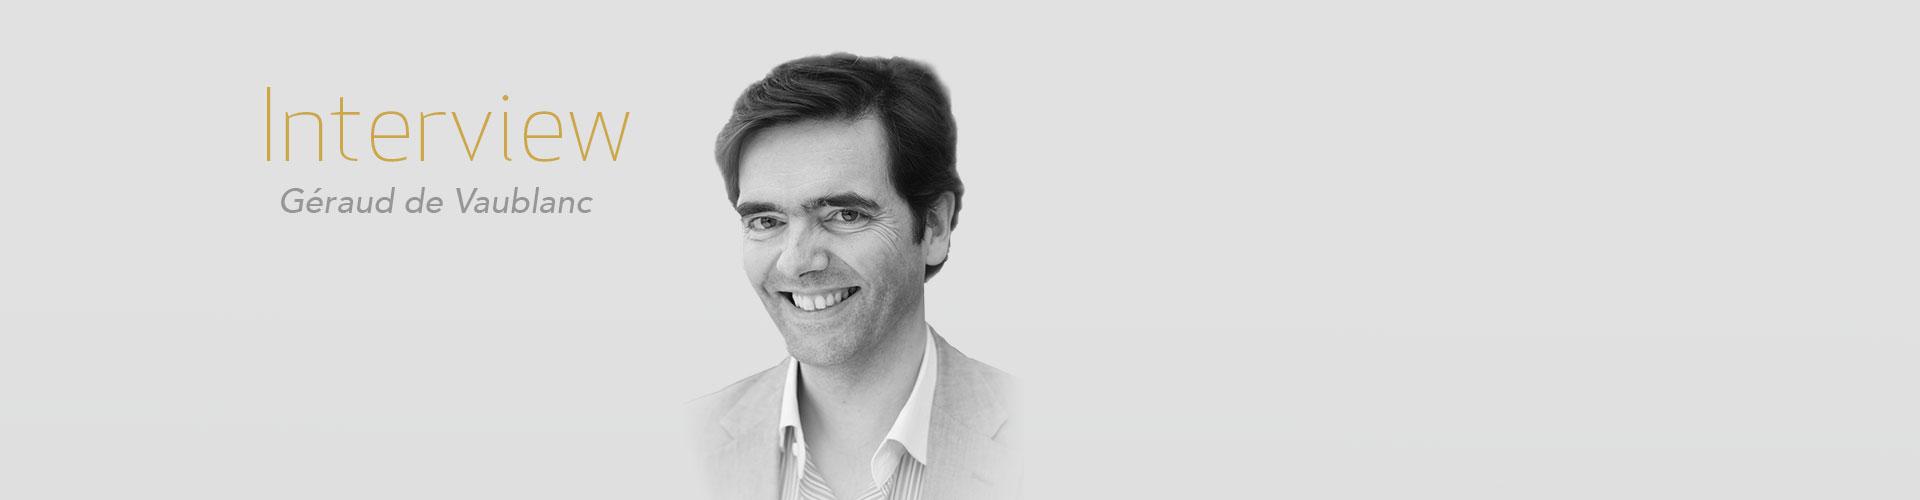 """Rencontre avec Géraud de Vaublanc pour son livre """"Image, réputation, influence"""""""